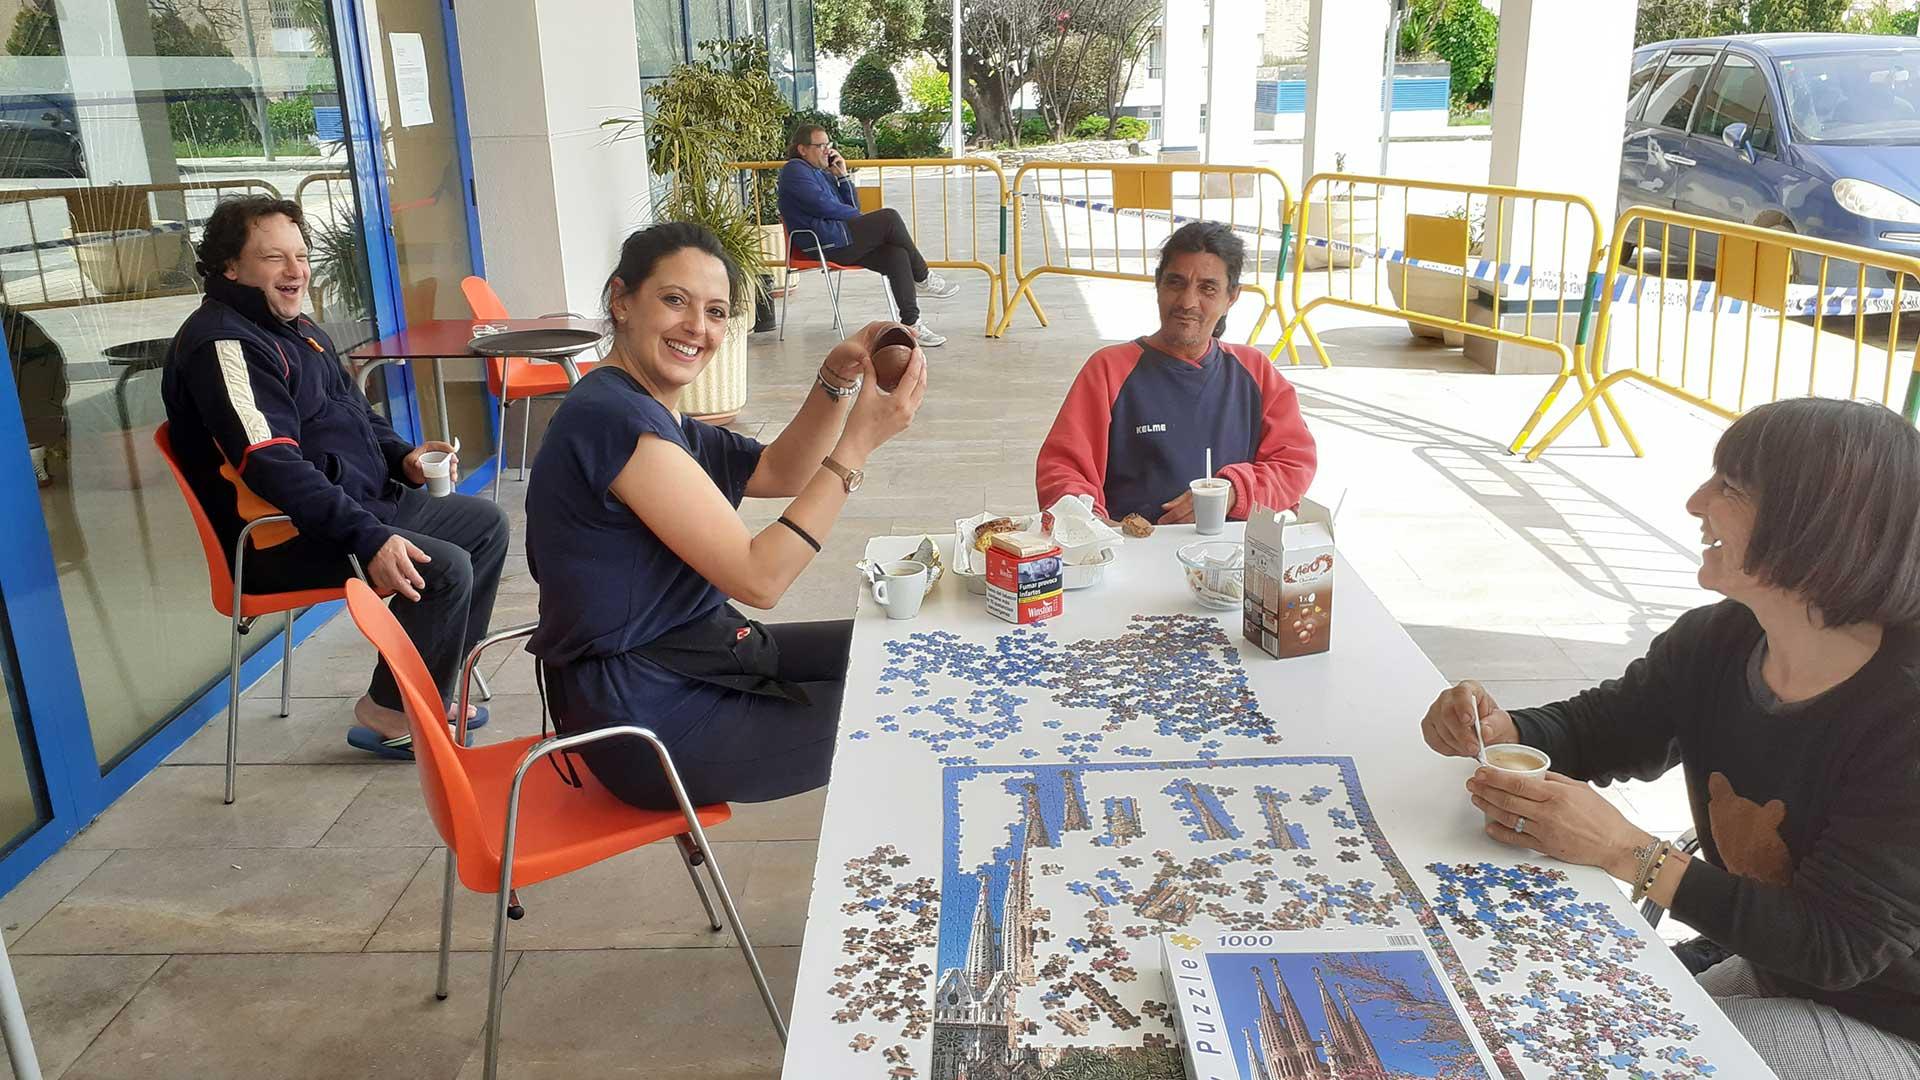 El CEAM de Altea, gestionado por el Grupo Lagunduz, reconocido por el Ayuntamiento de Altea en la jornada Xarxa Salut 2021